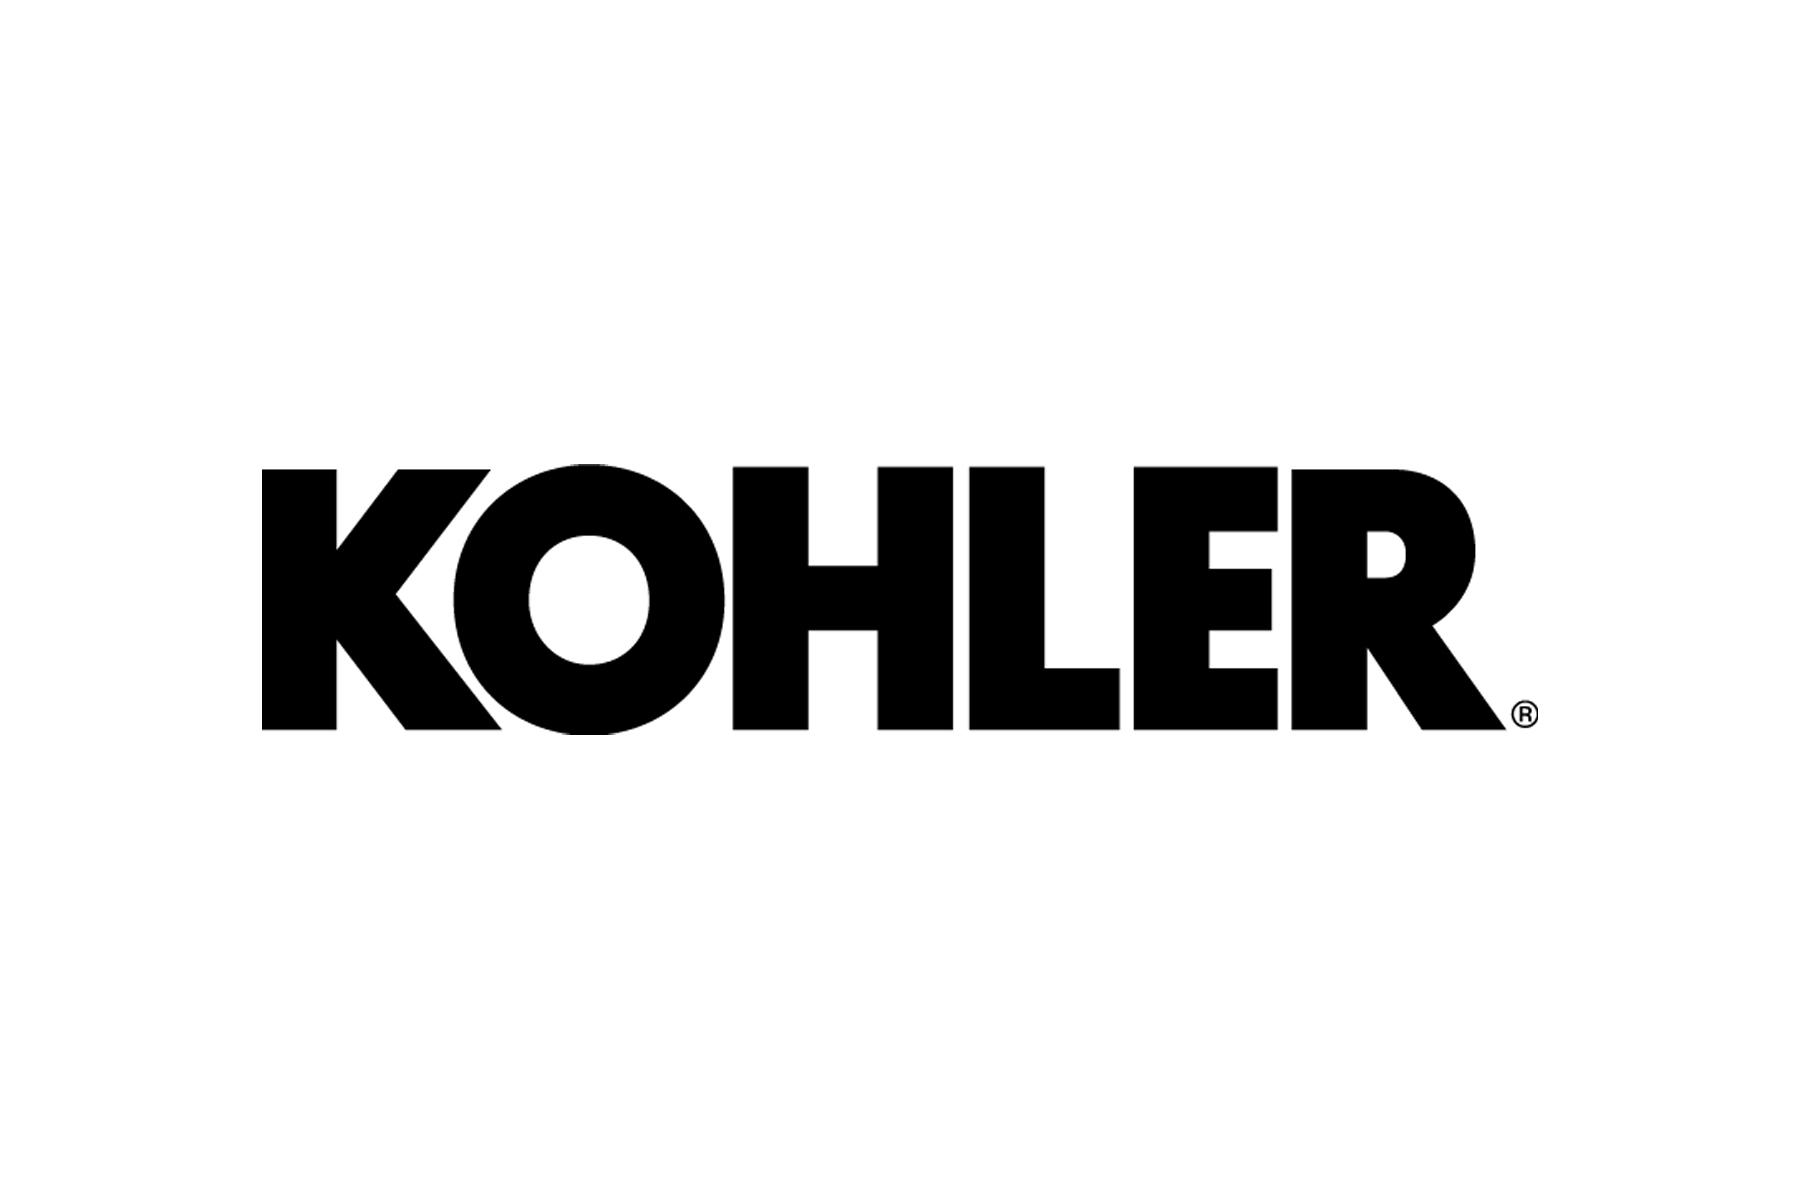 Kohler GS.jpg